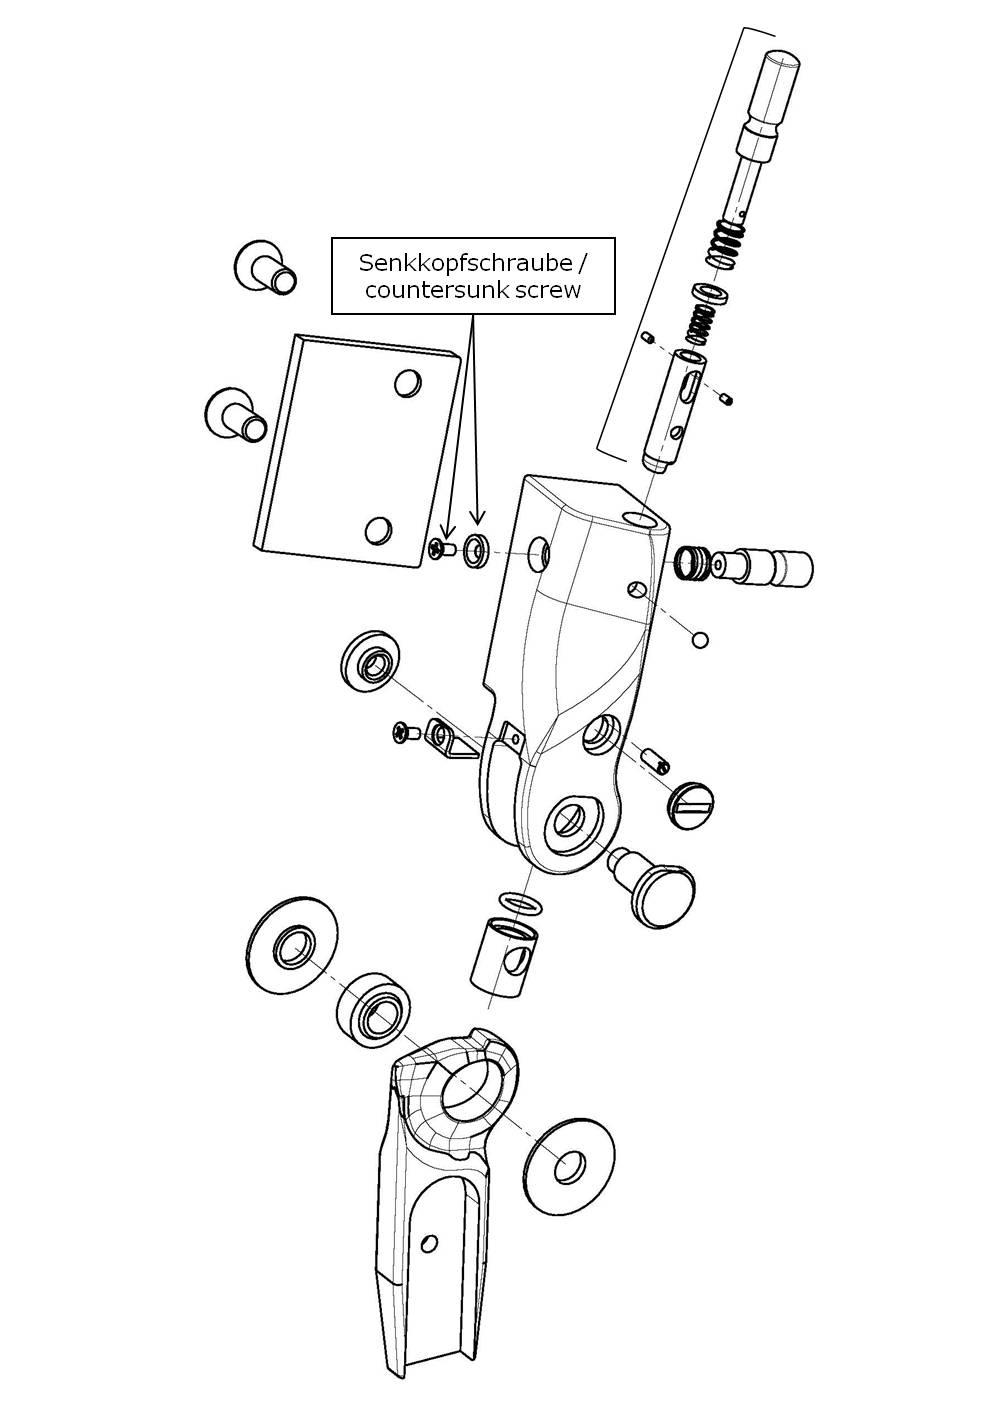 Senkkopfschraube incl. Einsatzring für das Salera preselect 3-D Hüftgelenk